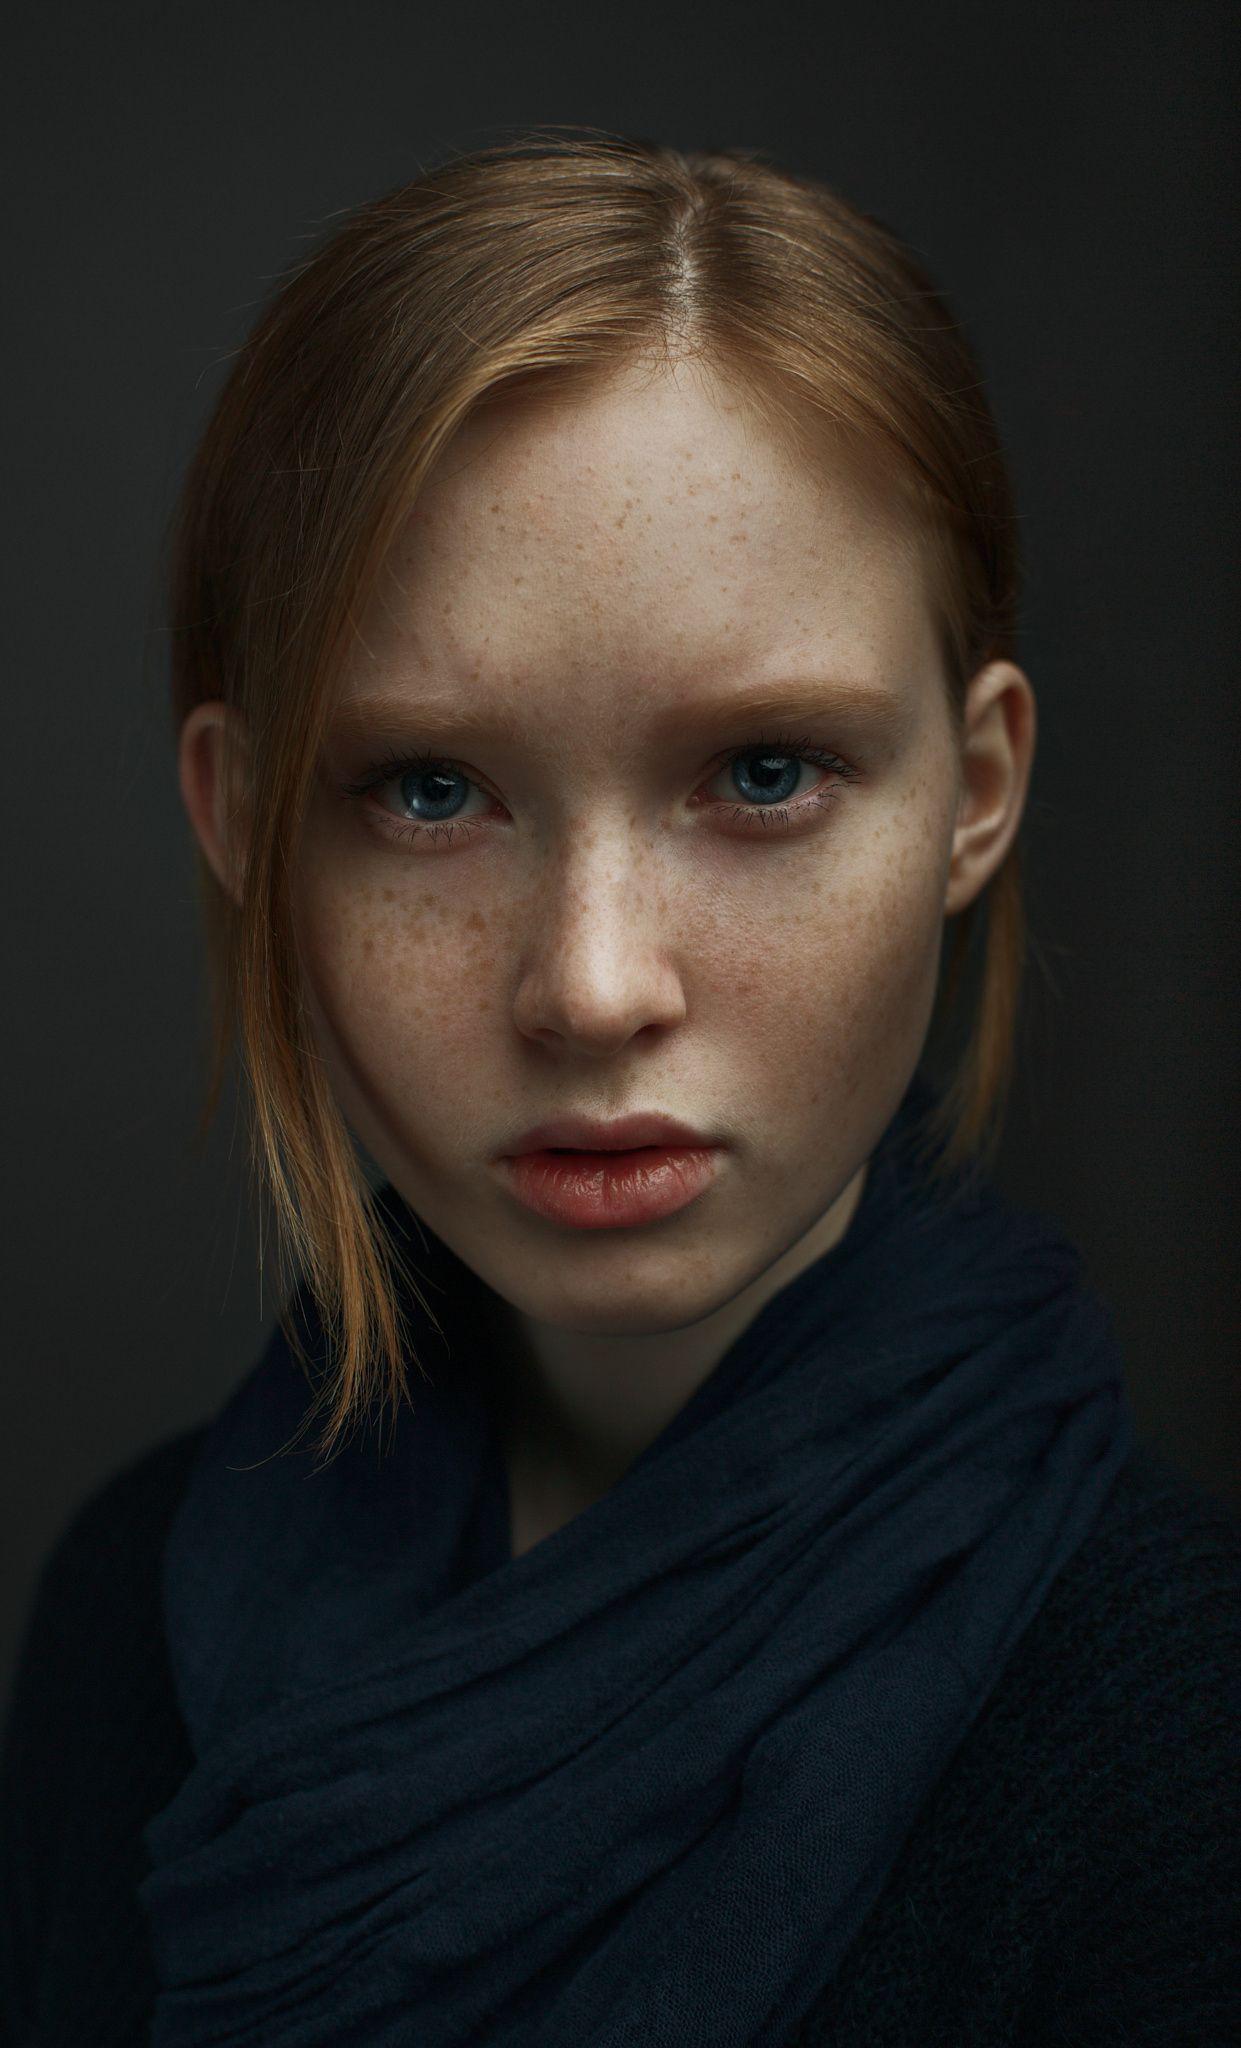 портрет как жанр фотографии советского